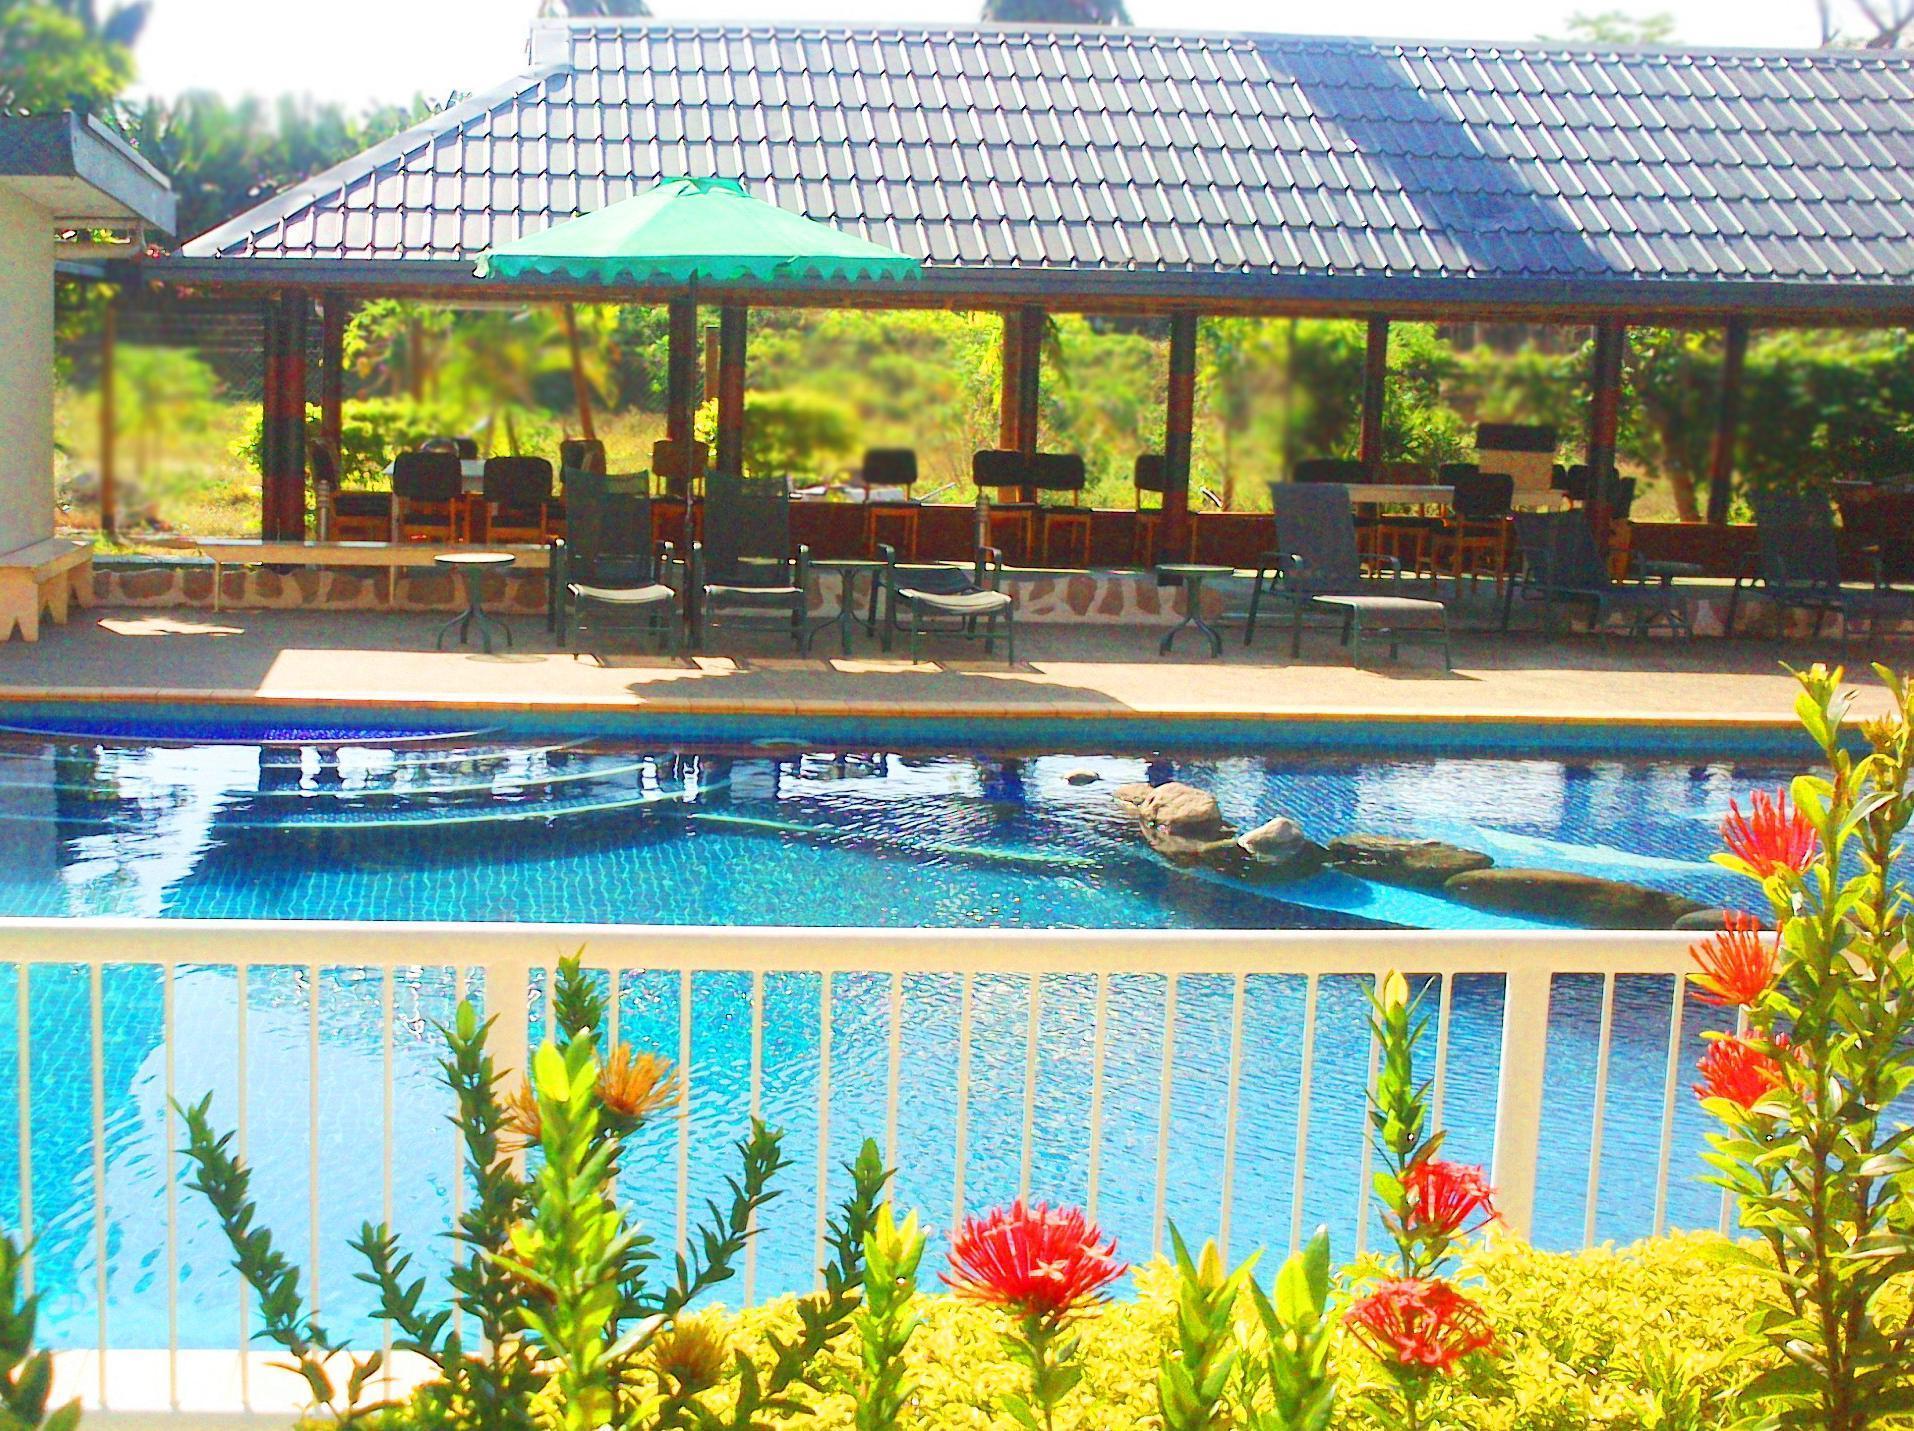 Trans International Hotel - Hotell och Boende i Fiji i Stilla havet och Australien